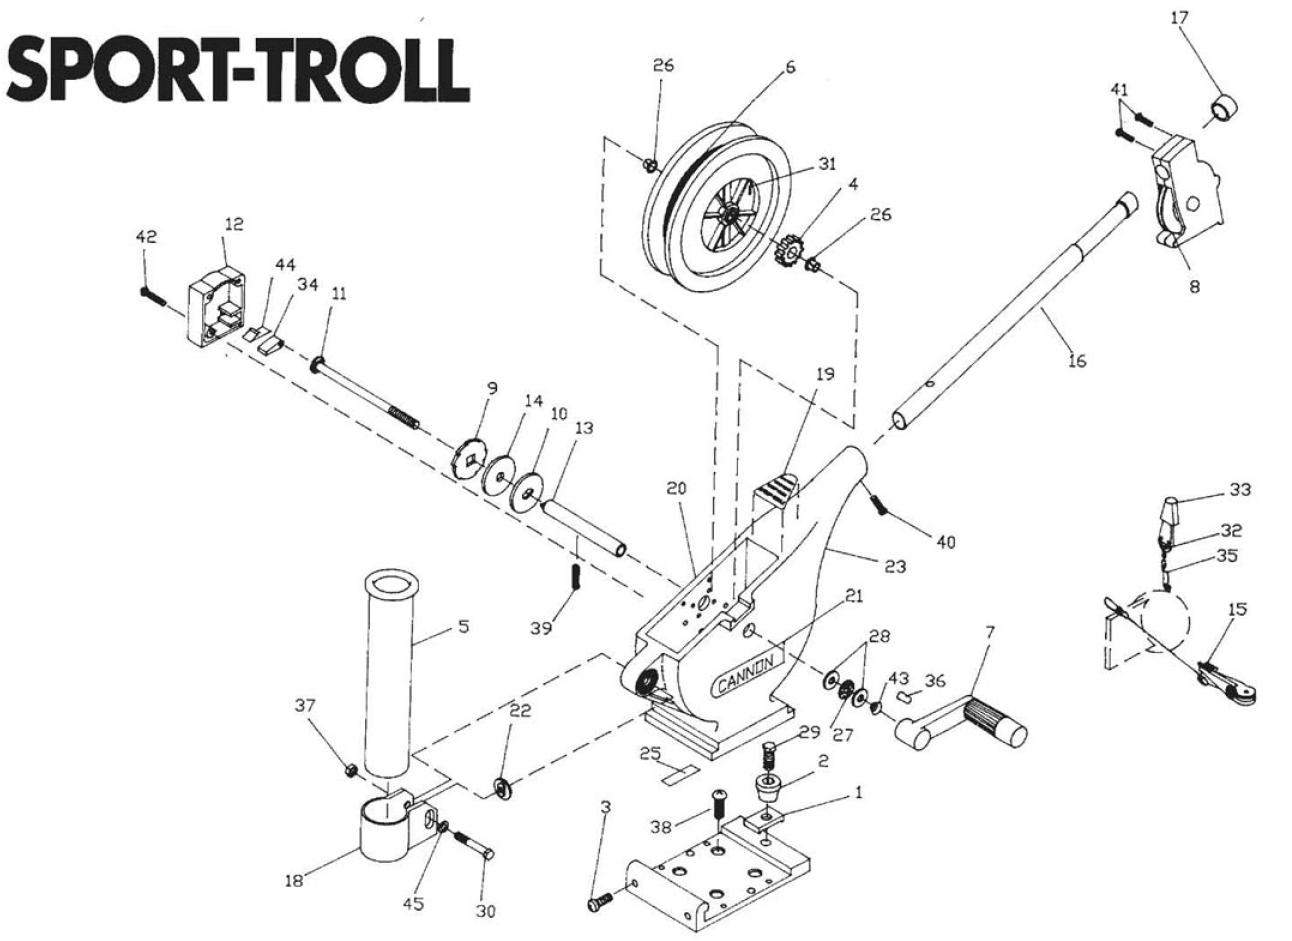 potato cannon schematic diagram